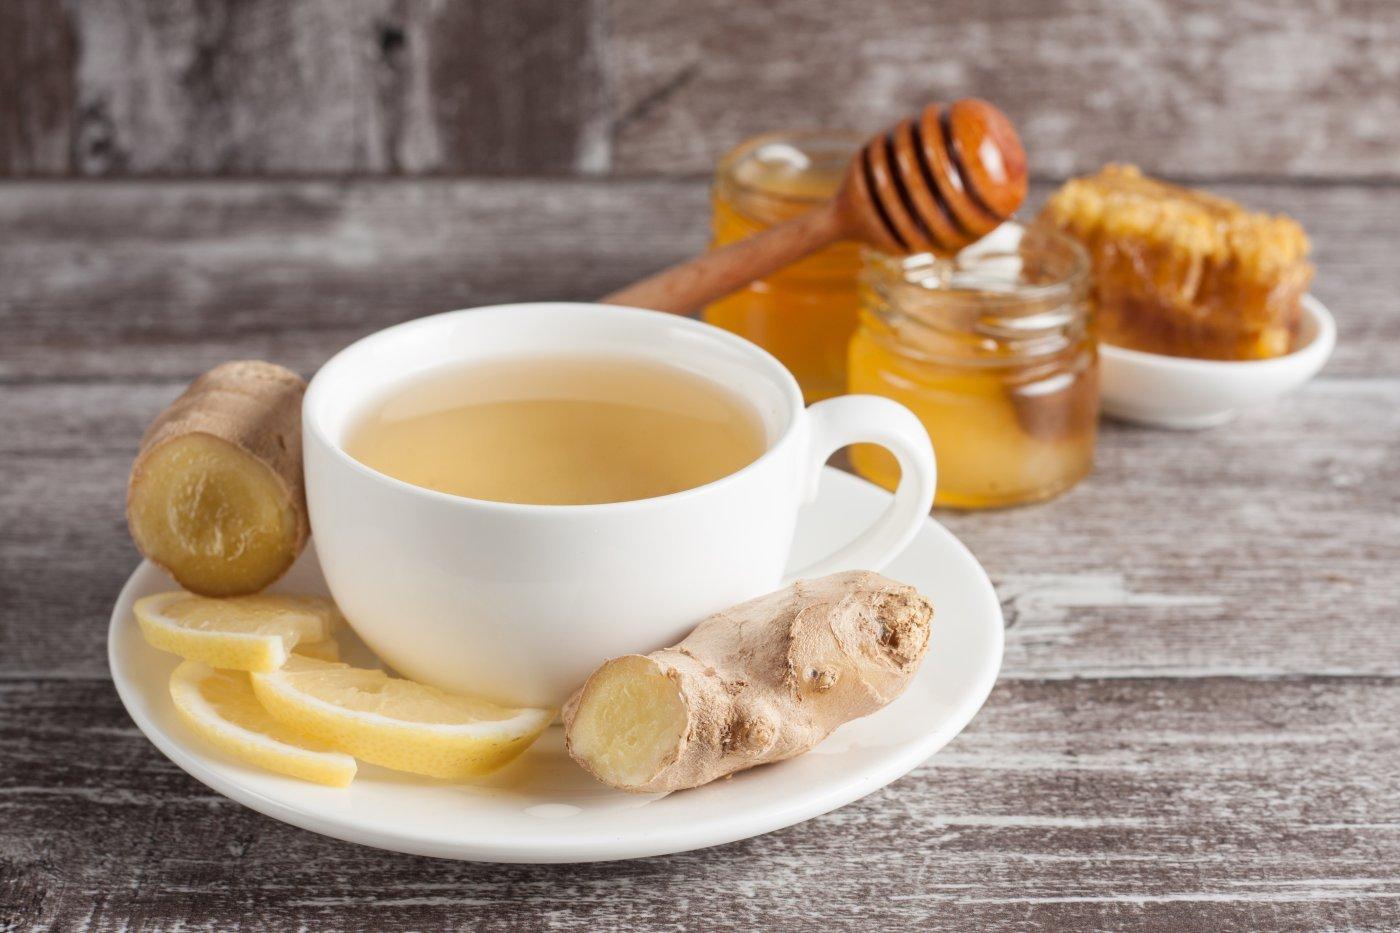 Citron et gingembre : la meilleure recette pour brûler les graisses du ventre et perdre du poids